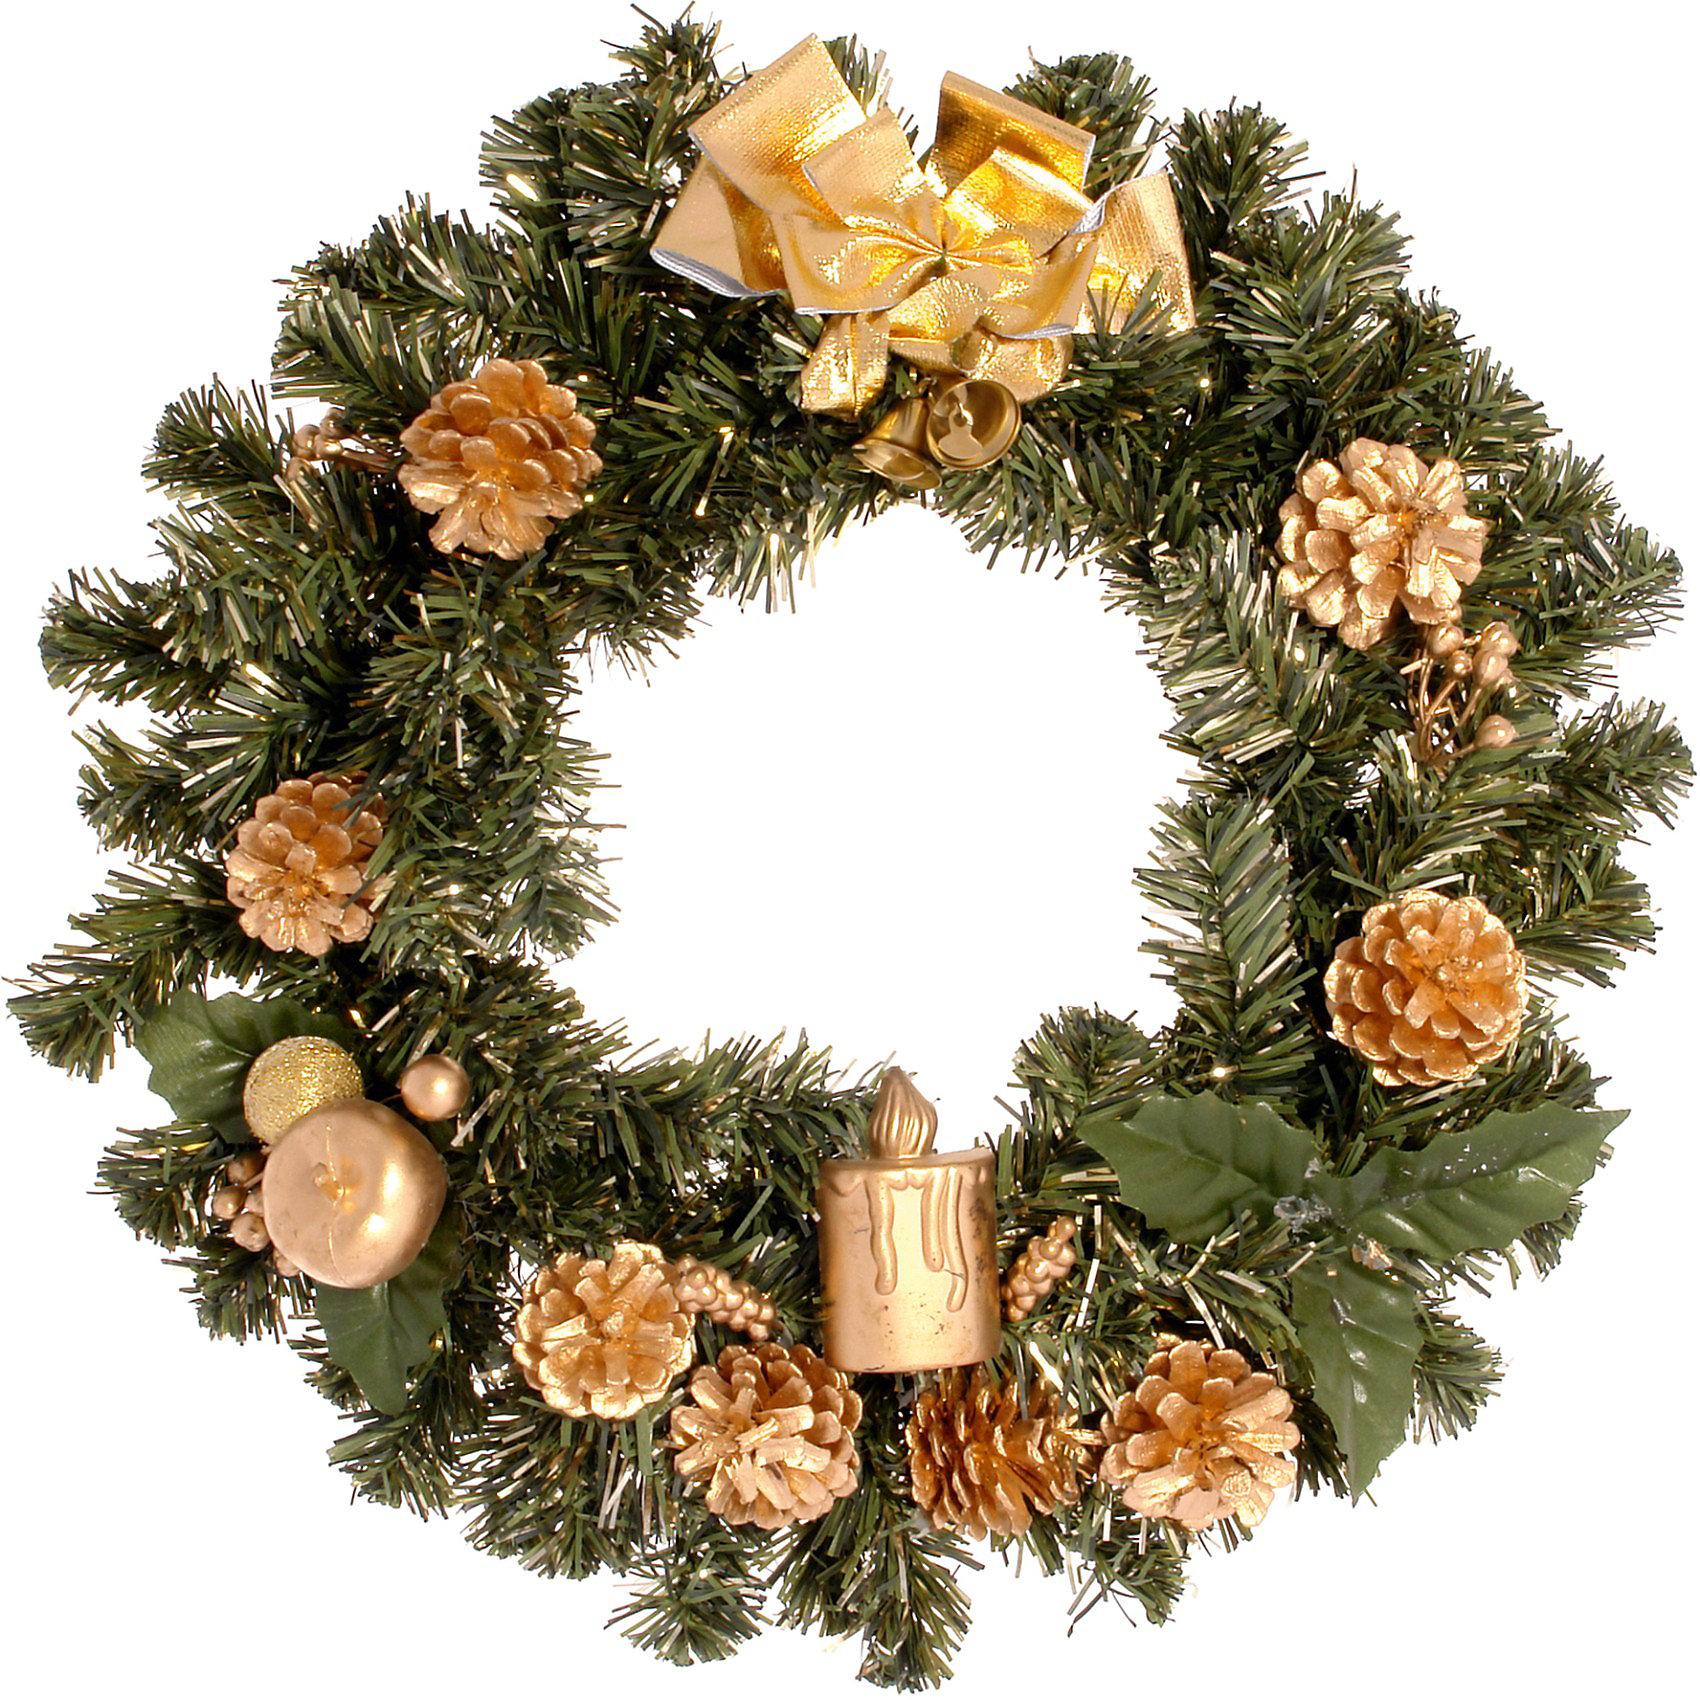 Венок рождественский, 36 см, золотые украшенияВенок рождественский, Волшебная страна станет замечательным украшением Вашего интерьера и поможет создать волшебную атмосферу новогодних и рождественских<br>праздников. Нарядный, искусно выполненный венок в виде еловых веток украшен позолоченными шишками и шариками. Венок можно повесить на двери или стены комнаты, он<br>будет чудесно смотреться и радовать детей и взрослых. <br><br>Дополнительная информация:<br><br>- Цвет украшений: золотой.<br>- Диаметр венка: 36 см.<br>- Размер упаковки: 34 х 34,5 х 8 см.<br>- Вес: 0,38 кг. <br><br>Венок рождественский, Волшебная страна можно купить в нашем интернет-магазине.<br><br>Ширина мм: 650<br>Глубина мм: 350<br>Высота мм: 80<br>Вес г: 392<br>Возраст от месяцев: 60<br>Возраст до месяцев: 180<br>Пол: Унисекс<br>Возраст: Детский<br>SKU: 3791298